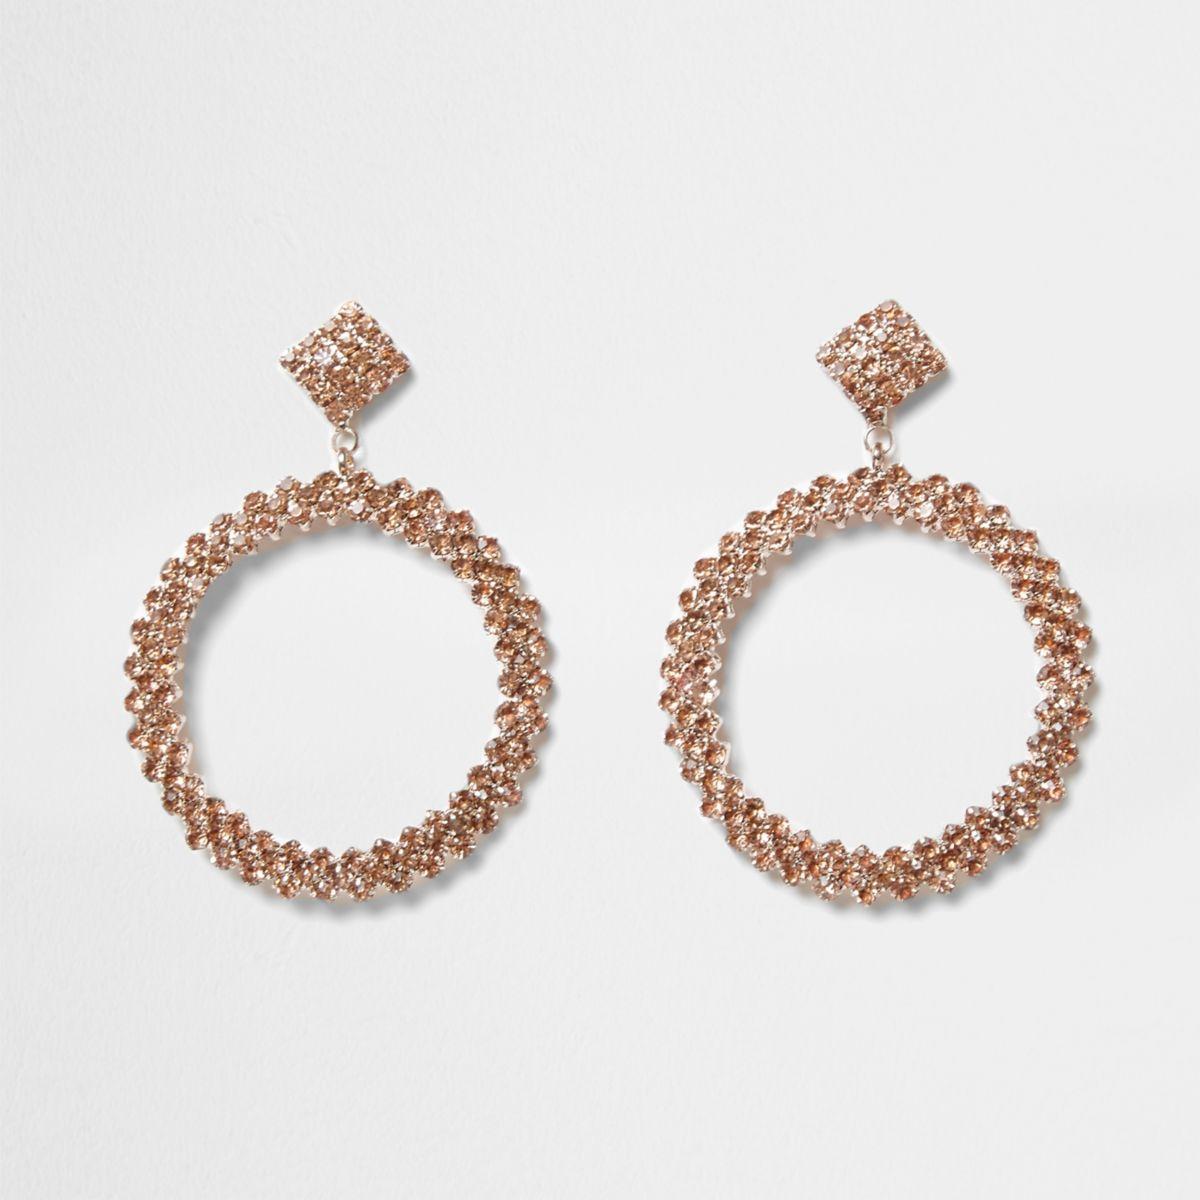 Rose gold tone rhinestone hoop drop earrings